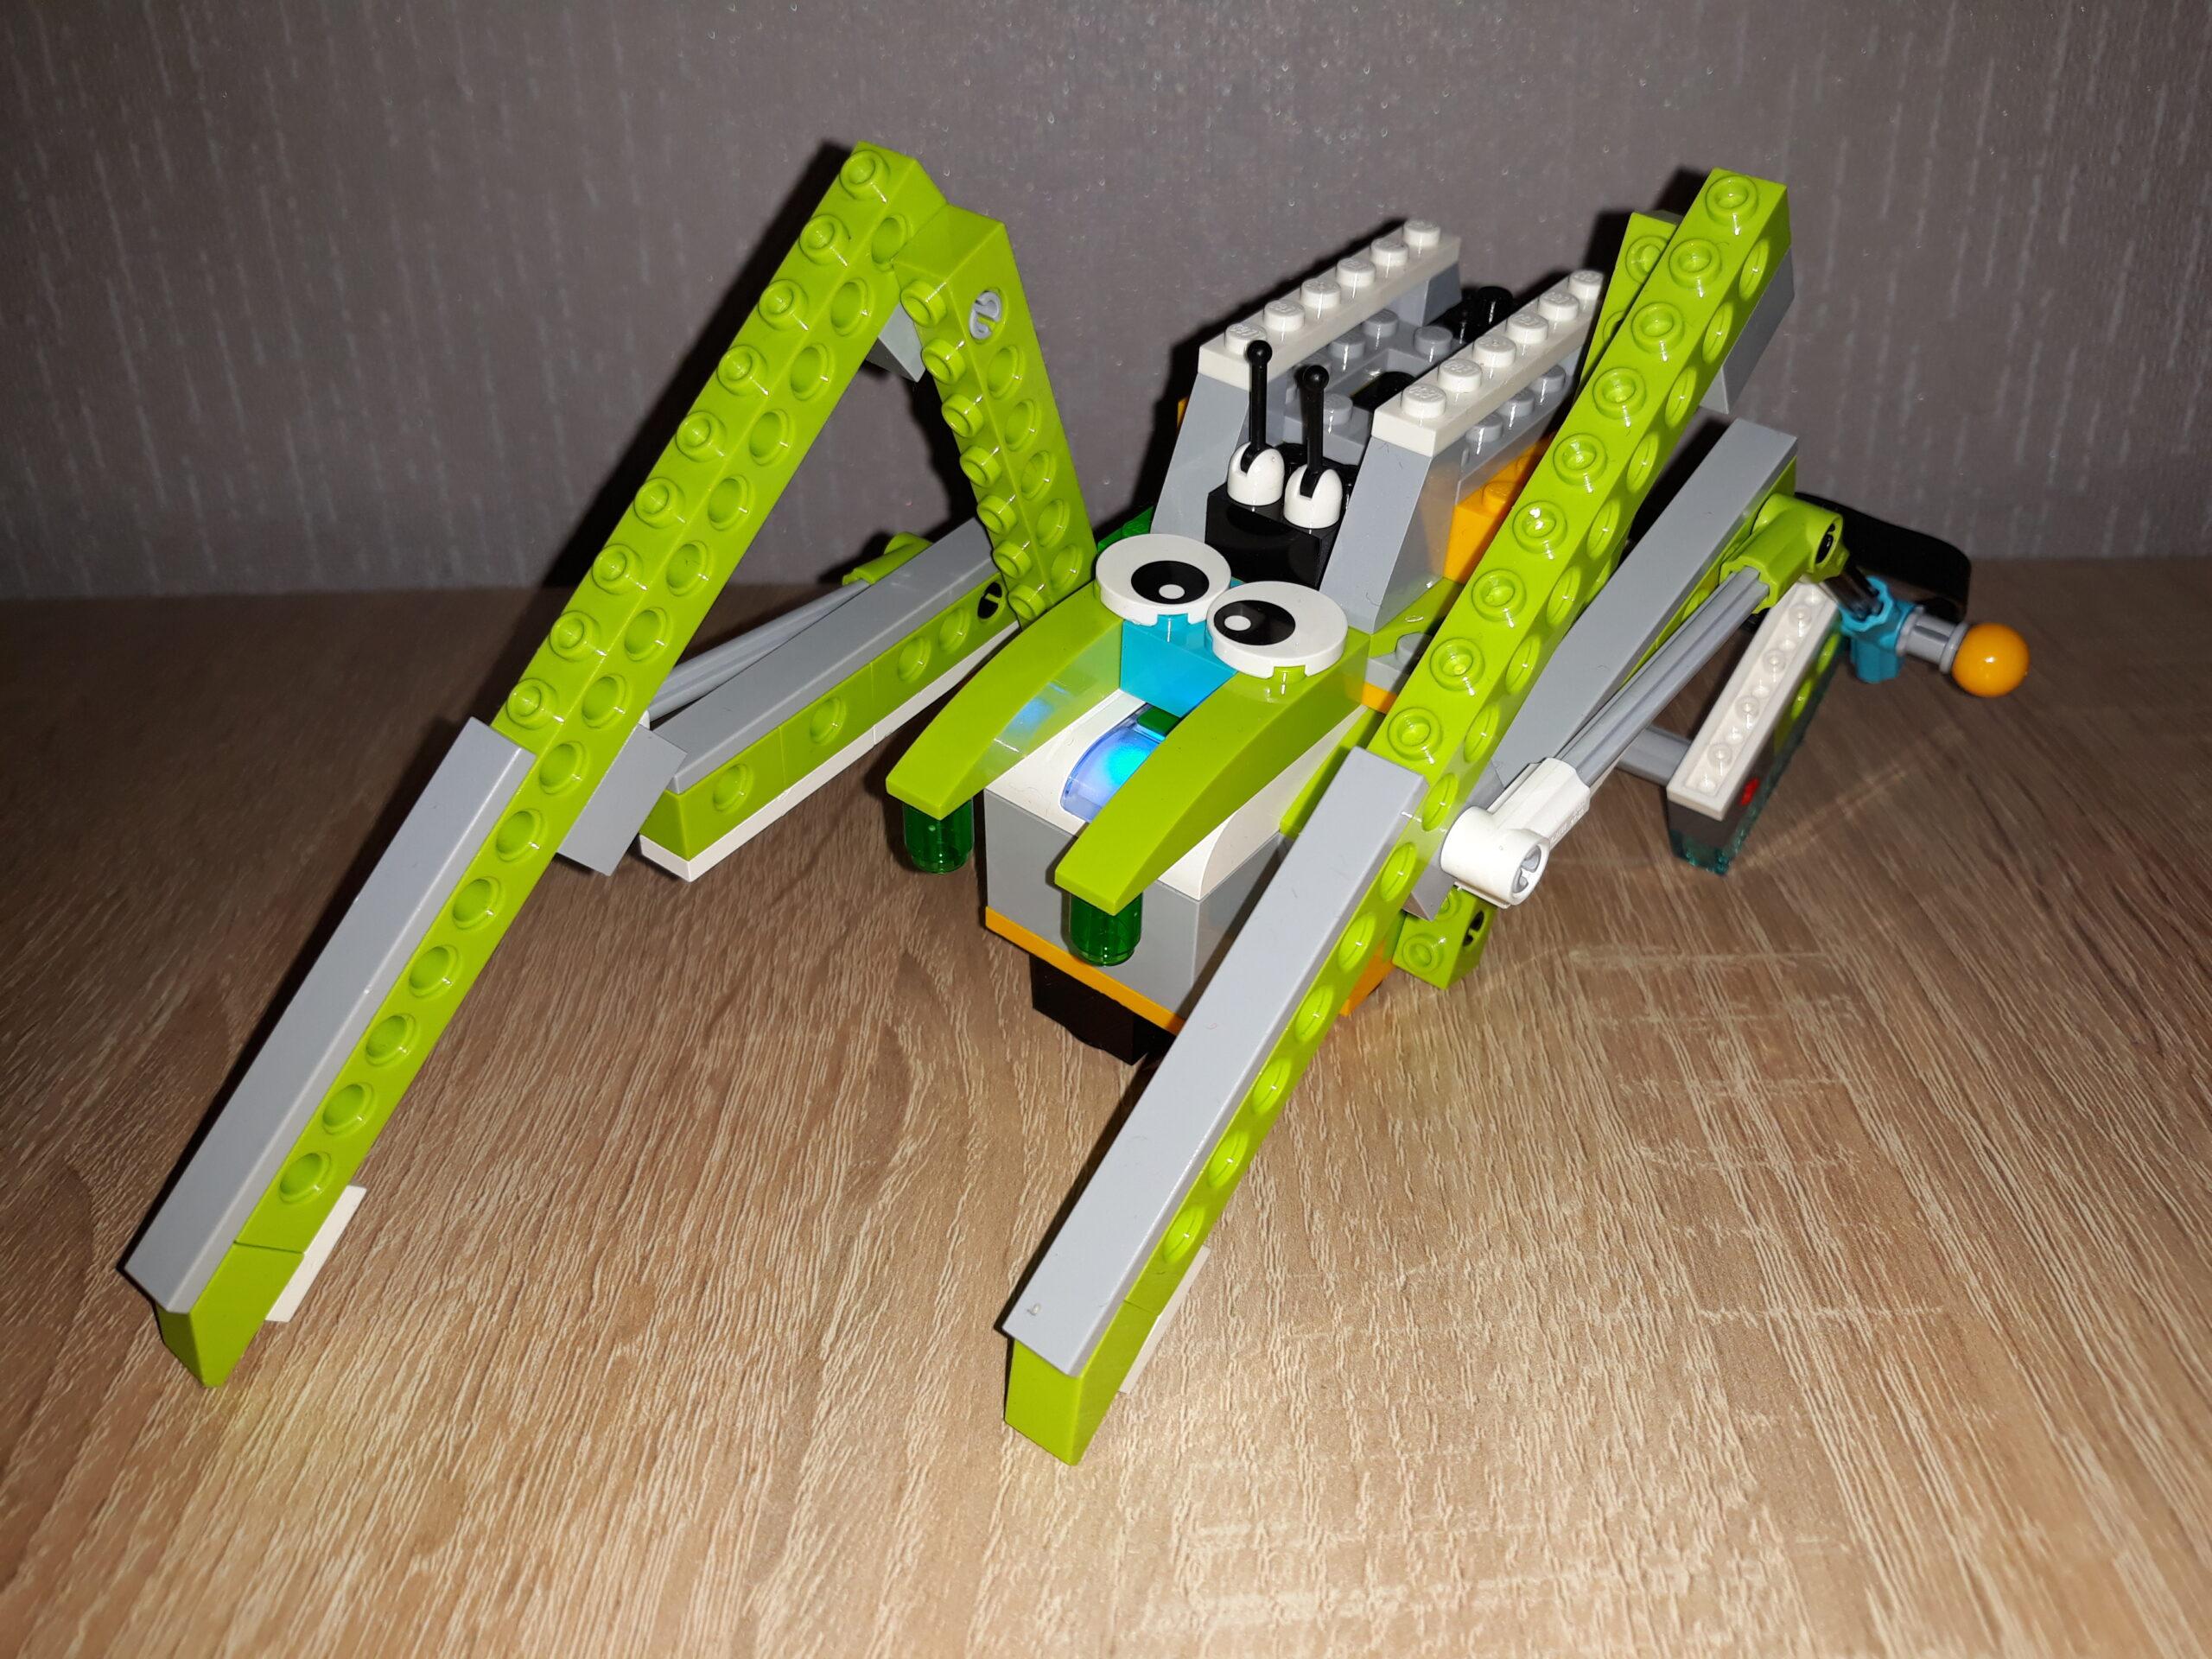 Инструкция по сборке из набора LEGO Education WeDo 2.0 Паук